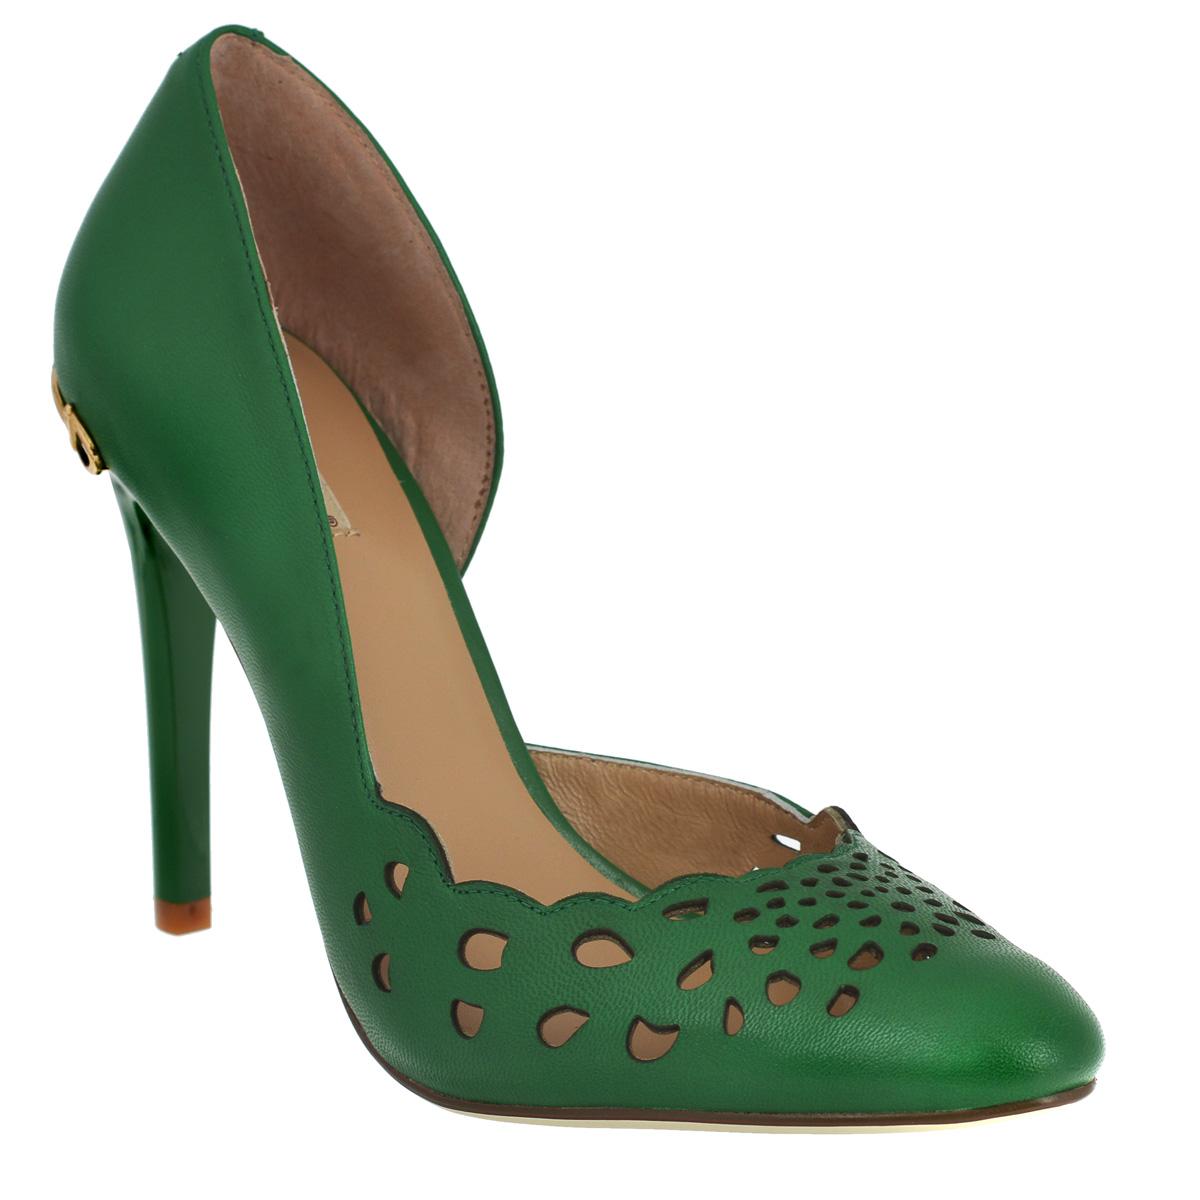 Туфли женские. 434143414Модные женские туфли Vitacci займут достойное место среди вашей коллекции обуви. Модель изготовлена из натуральной кожи. Мыс изделия декорирован перфорацией, задник - металлическим украшением оригинальной формы. Одна из боковых сторон оформлена вырезом. Стелька из натуральной кожи позволит ногам дышать. Высокий каблук компенсирован скрытой платформой. Каблук и подошва дополнены противоскользящим рифлением. Прелестные туфли покорят вас с первого взгляда.